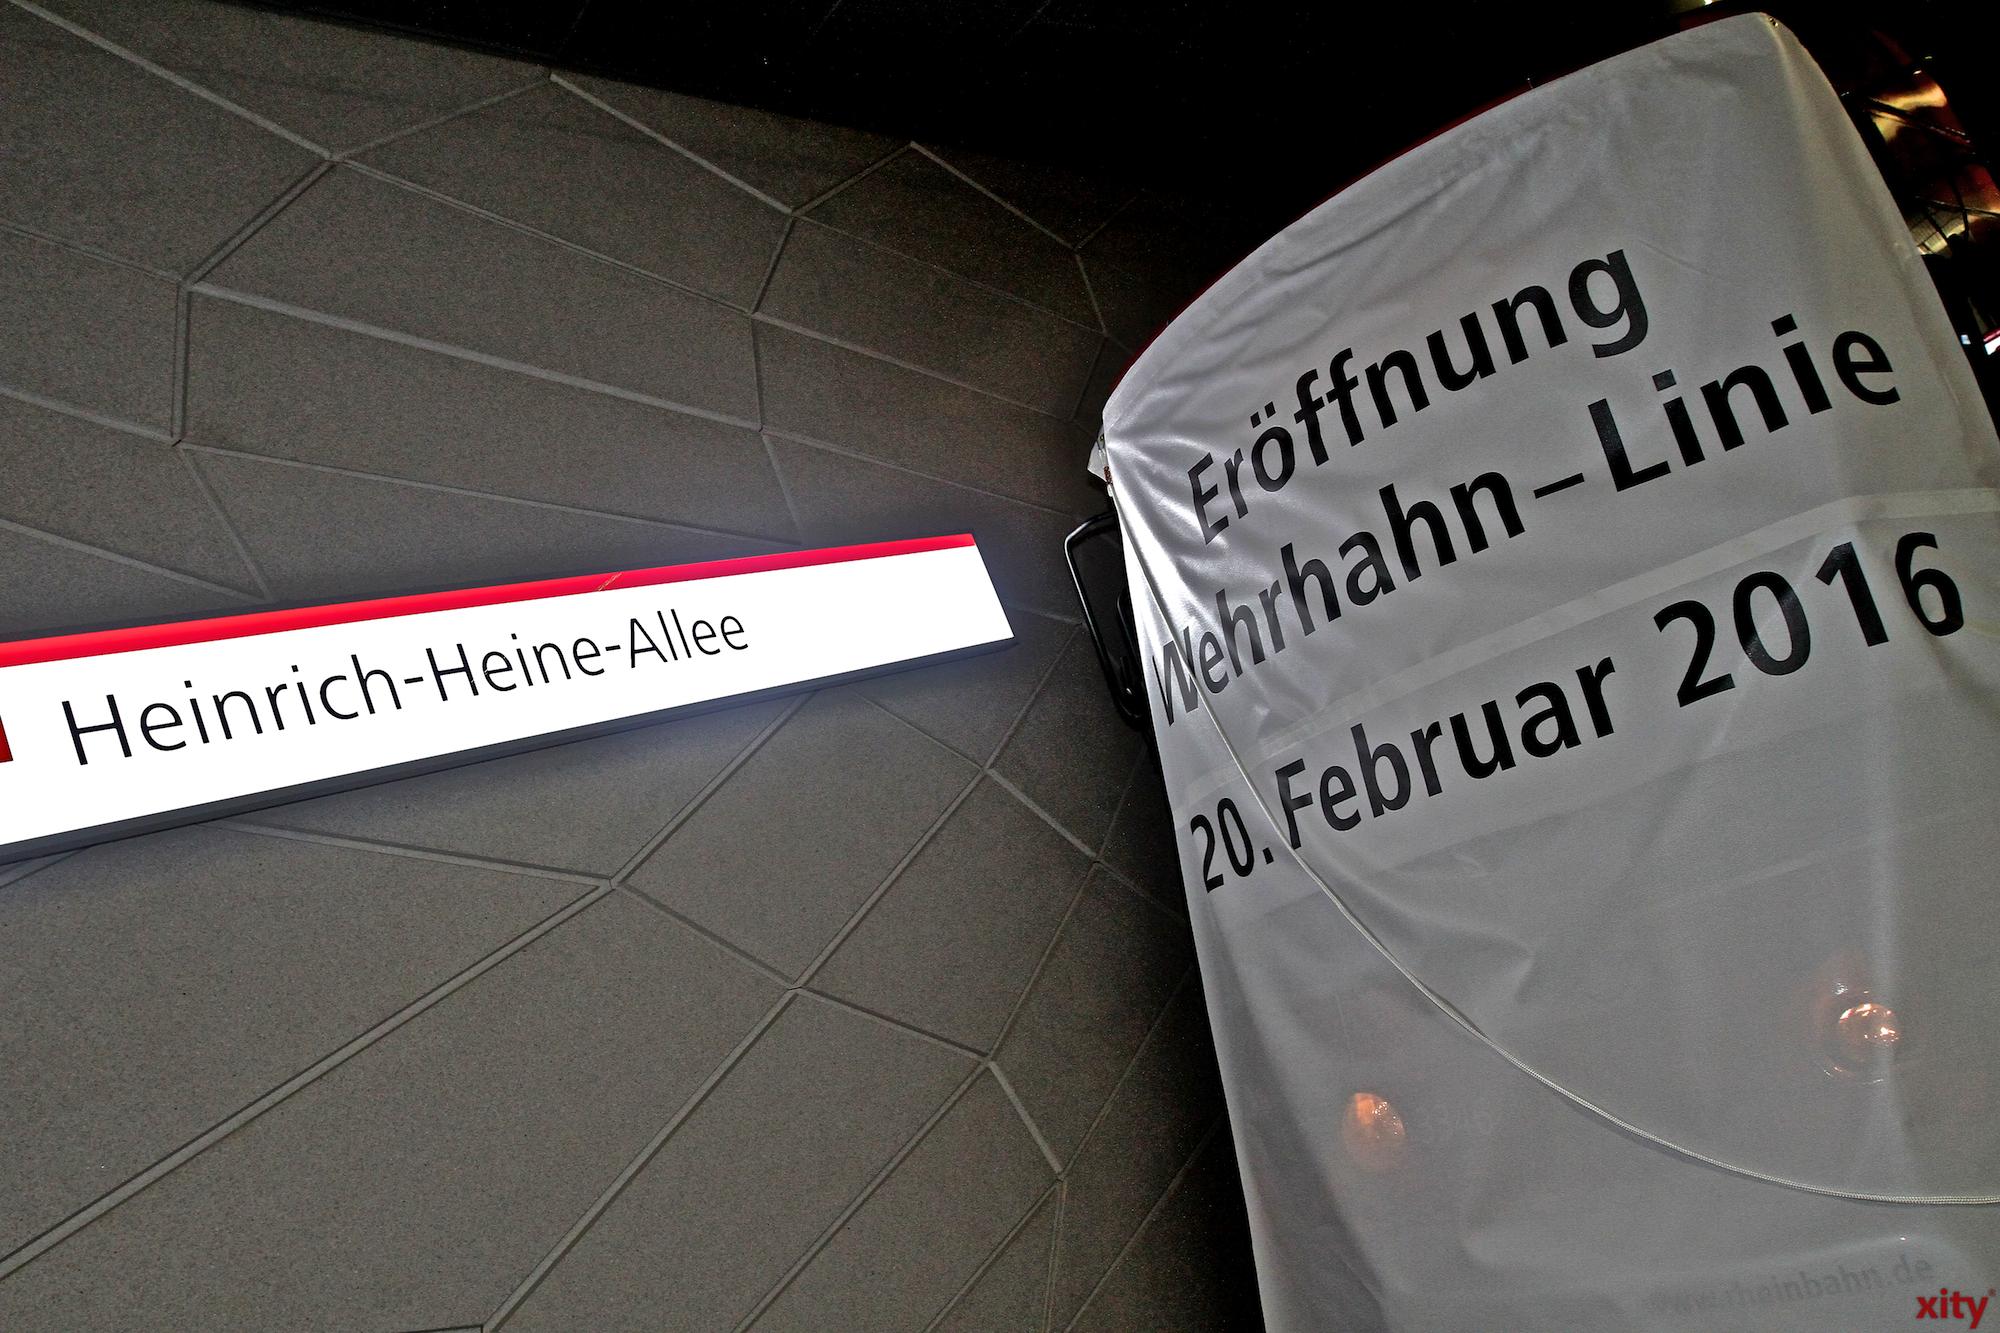 Für den öffentlichen Nahverkehr der Landeshauptstadt Düsseldorf wird mit der Inbetriebnahme der Wehrhahn-Linie am Sonntag ein vollkommen neues Kapitel aufgeschlagen (Foto: xity)